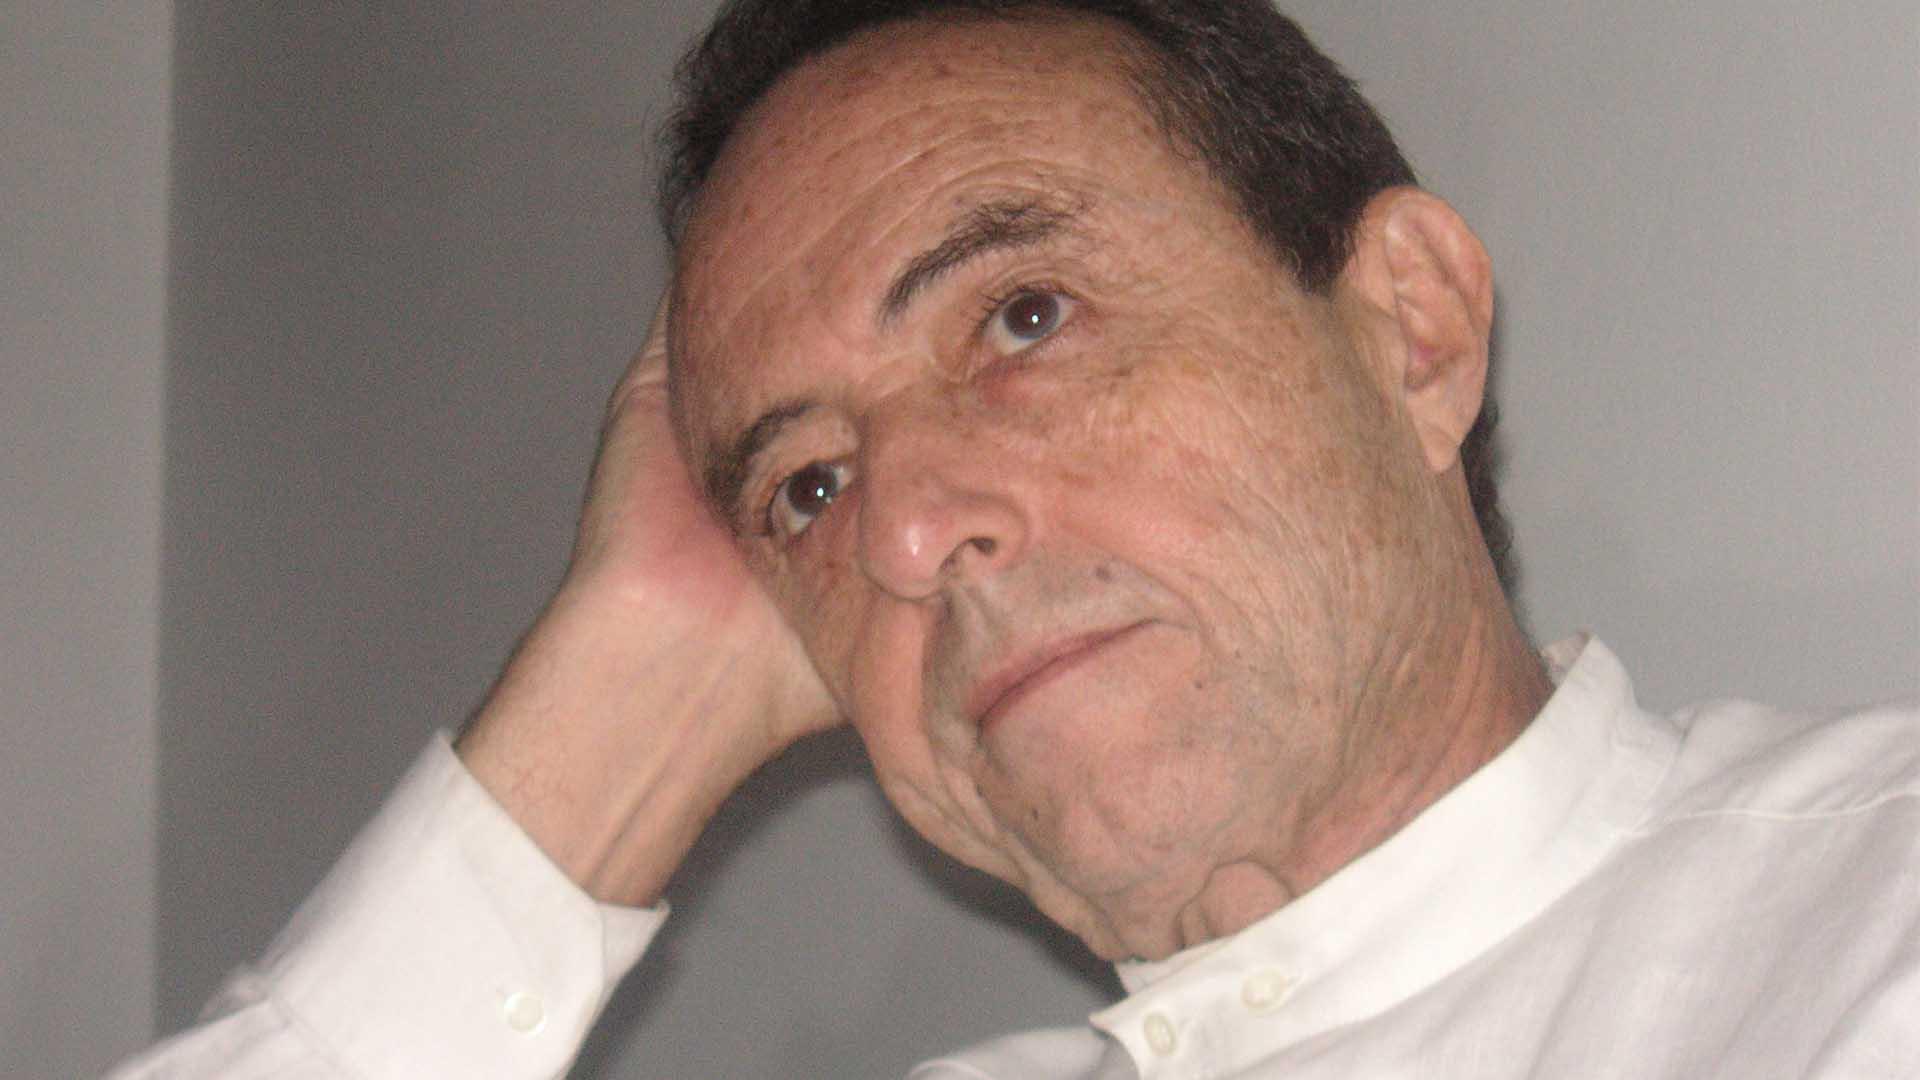 Falleció Federico Villanueva Brandt, por Luis Fuenmayor Toro